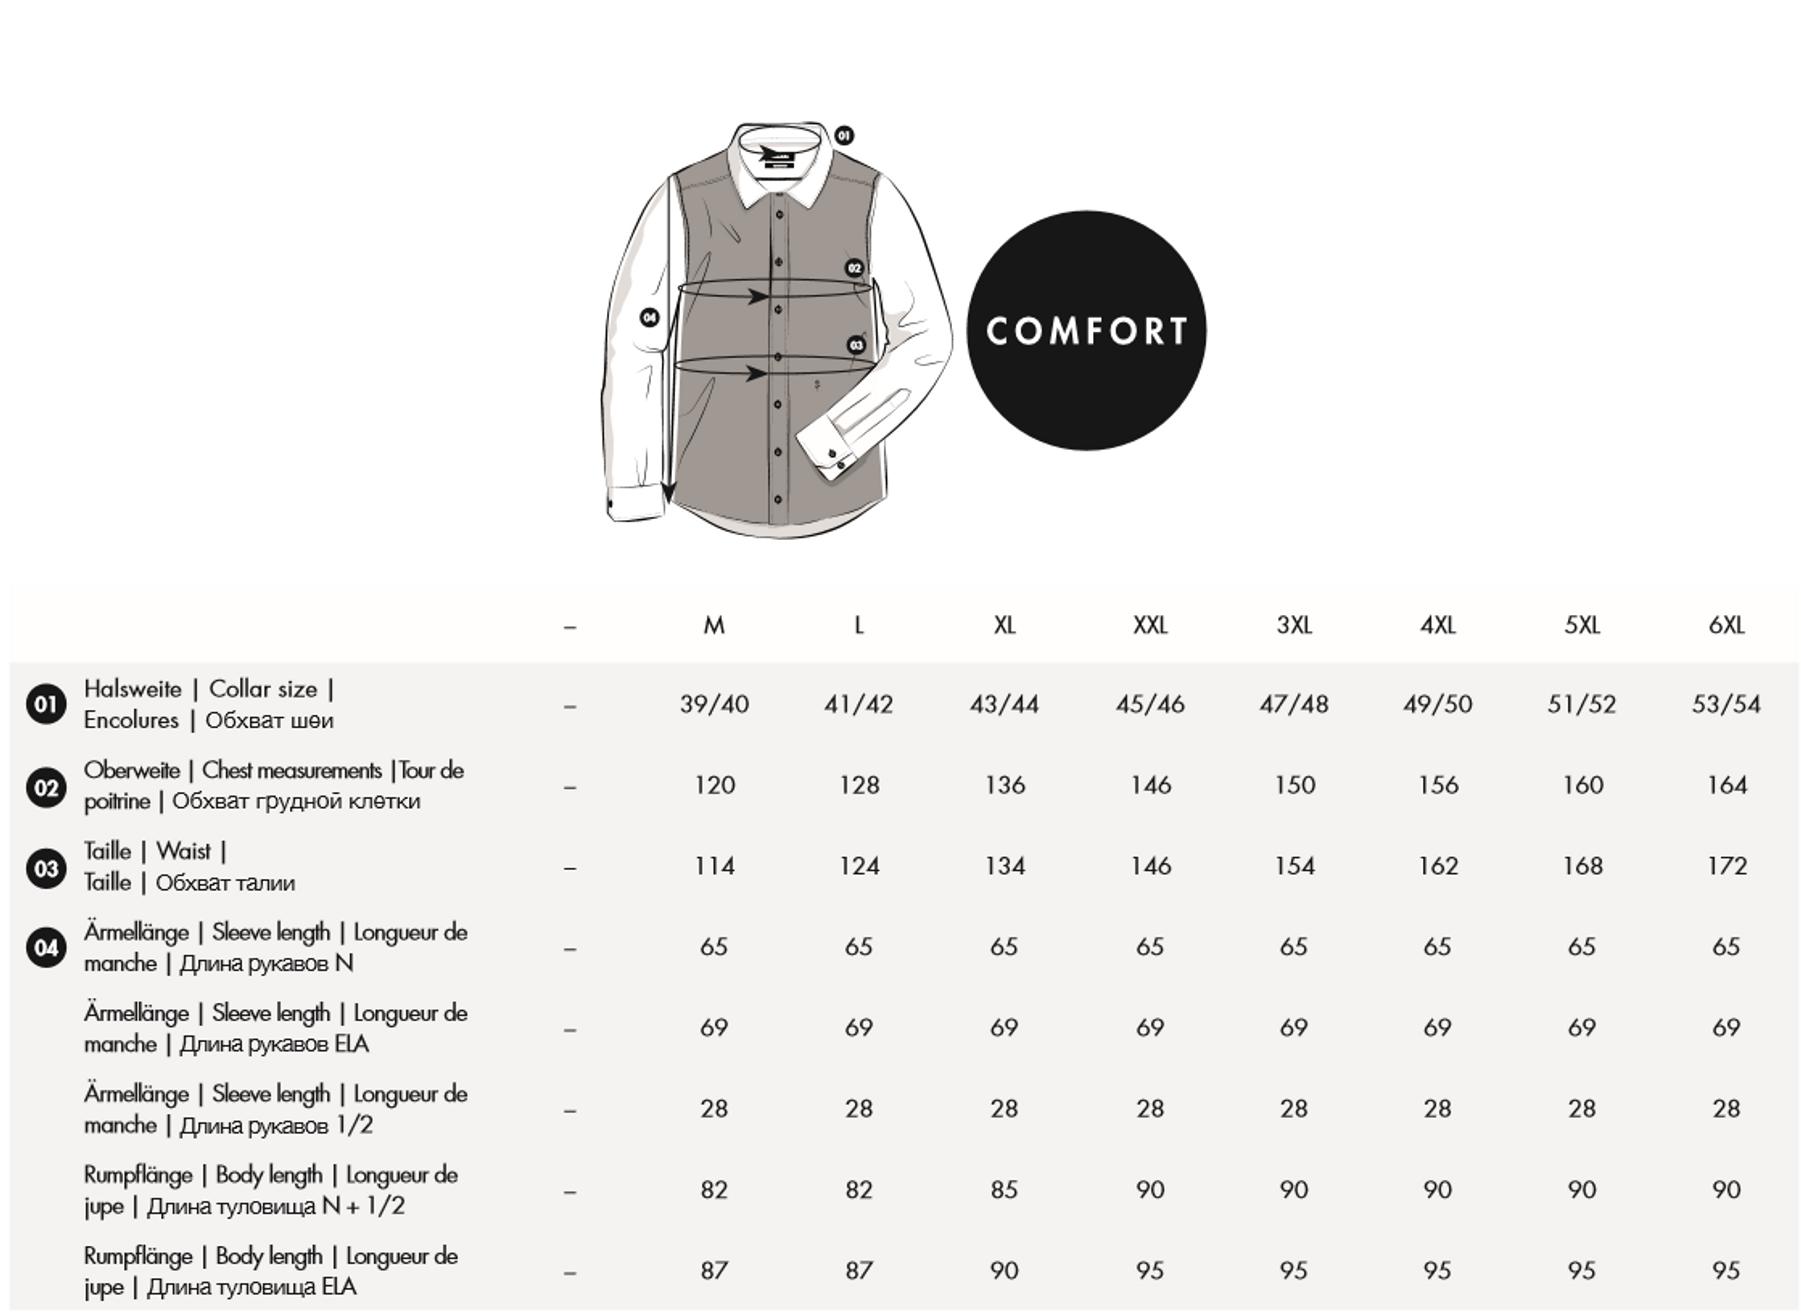 Seidensticker - Herren Hemd, Bügelfrei, Comfort, Schwarze Rose mit Kent Kragen in Weiß (01.311846) – Bild 6